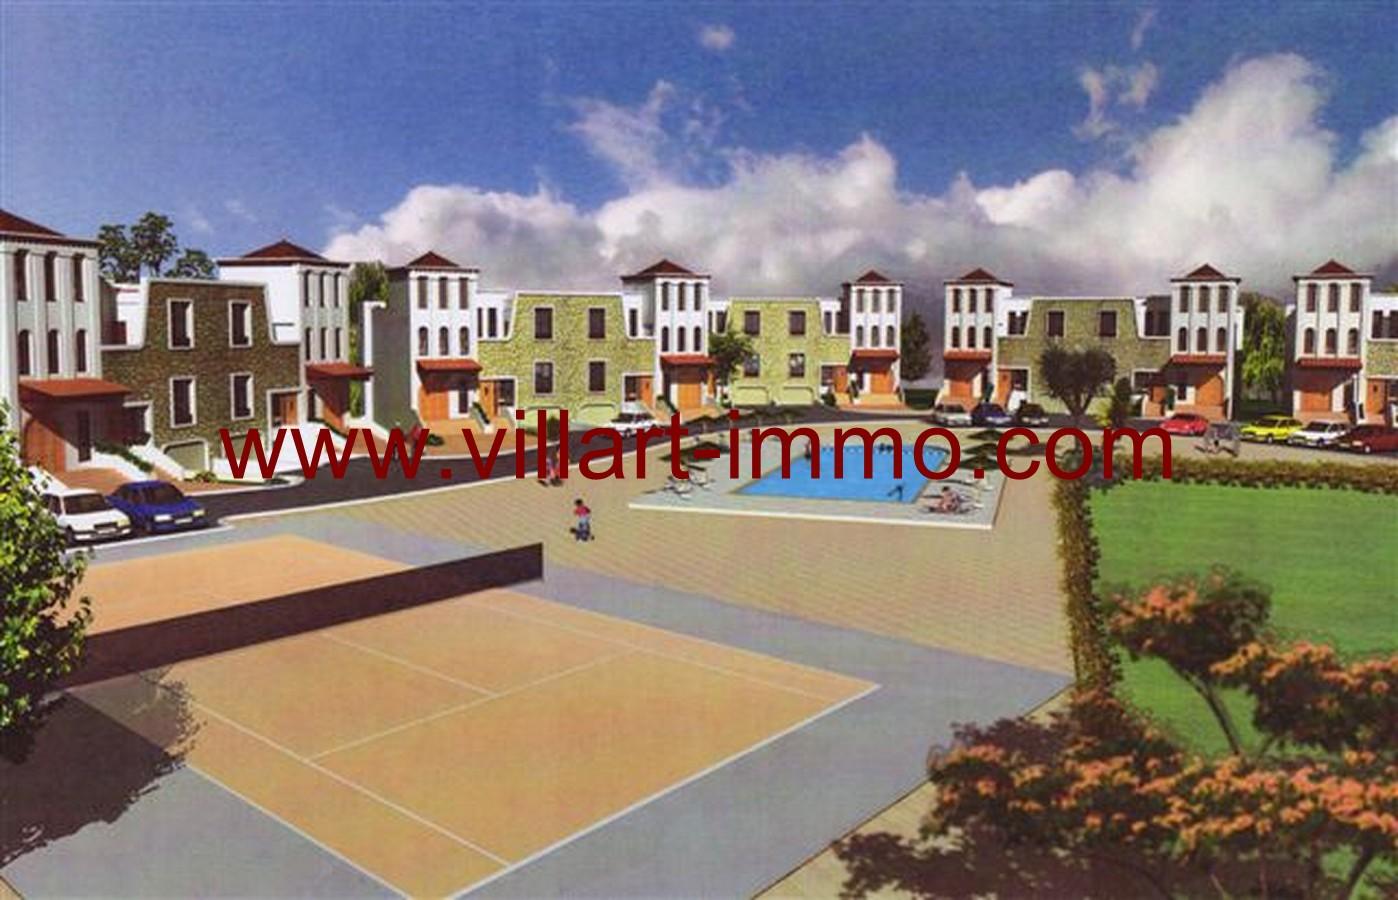 5-Vente-Appartement-Tanger-Malabata-Projet-MIR3-Villart Immo